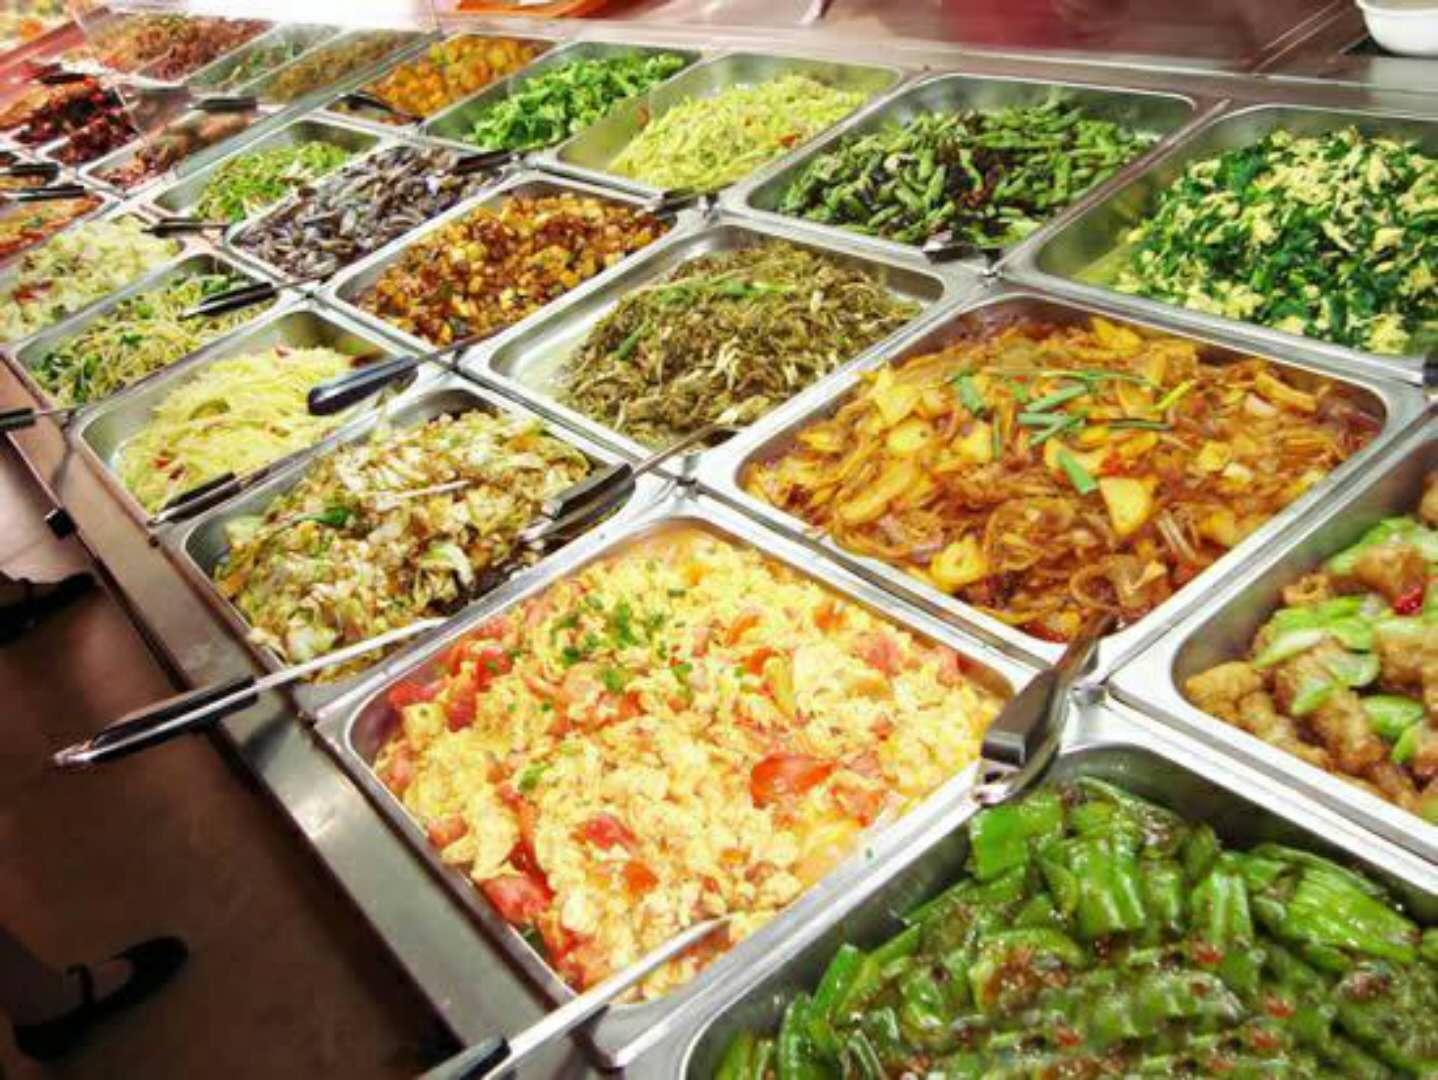 口碑好的饭堂承包-想要有口碑的食堂承包服务就找传承餐饮服务